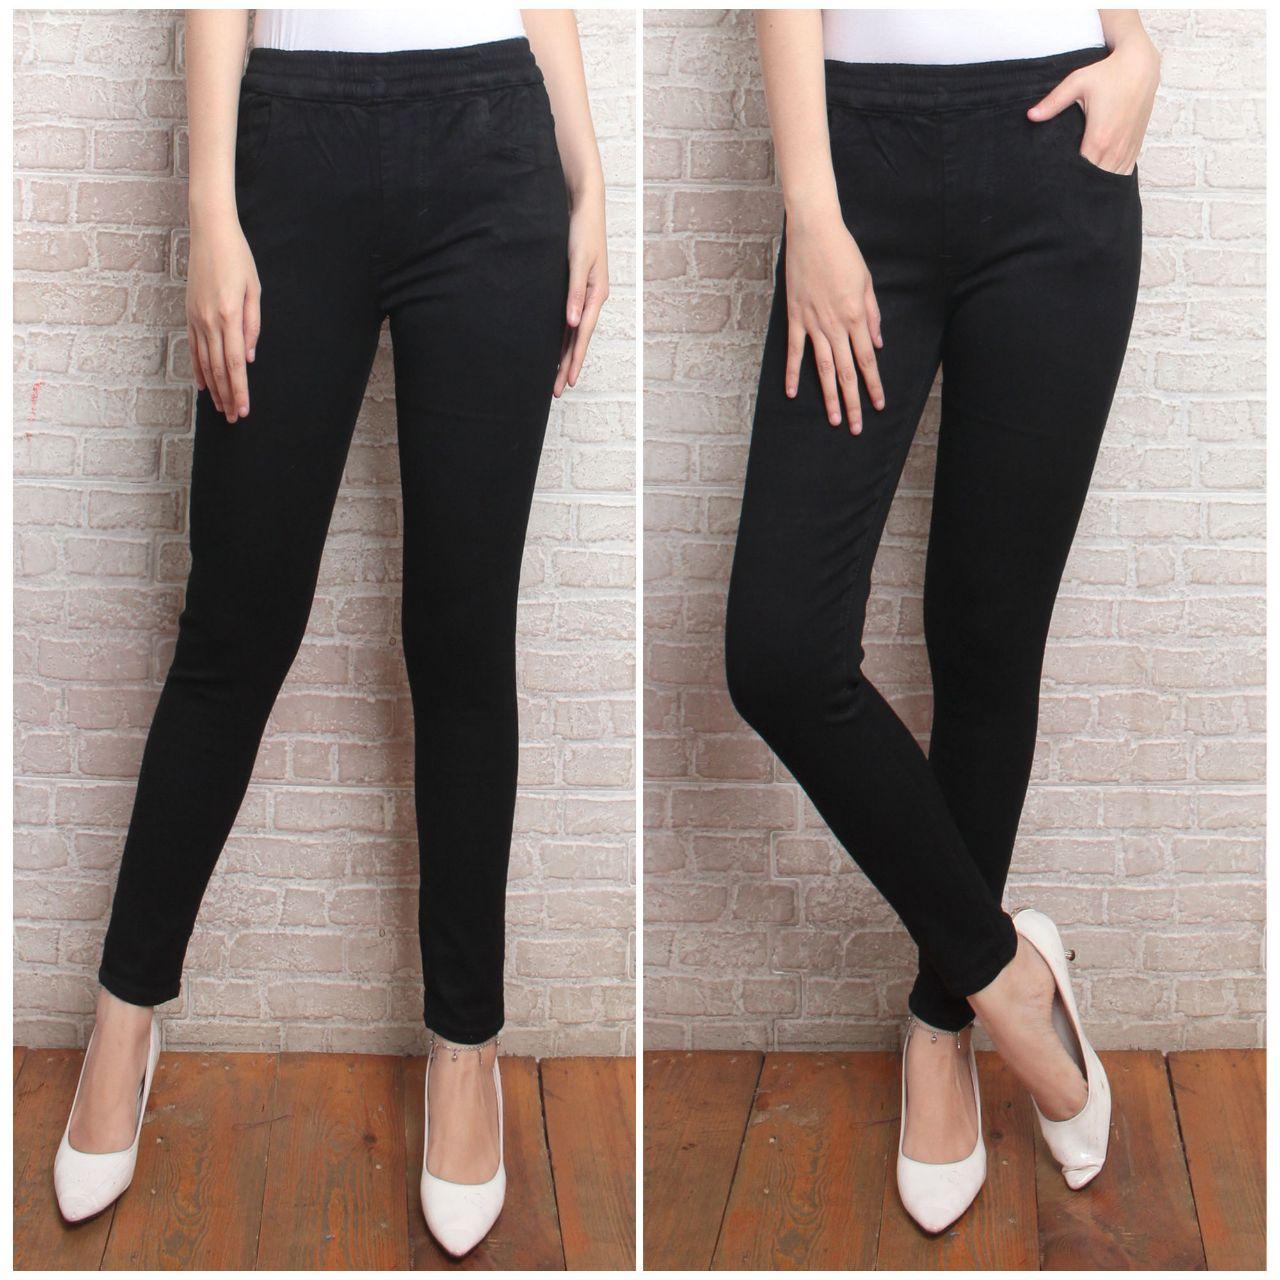 Celana Jeans Pinggang Karet Jumbo Jeans Wanita Legging Jeans Wanita Jeans Terlaris Jahitan Rapi Mellar Street Lazada Indonesia